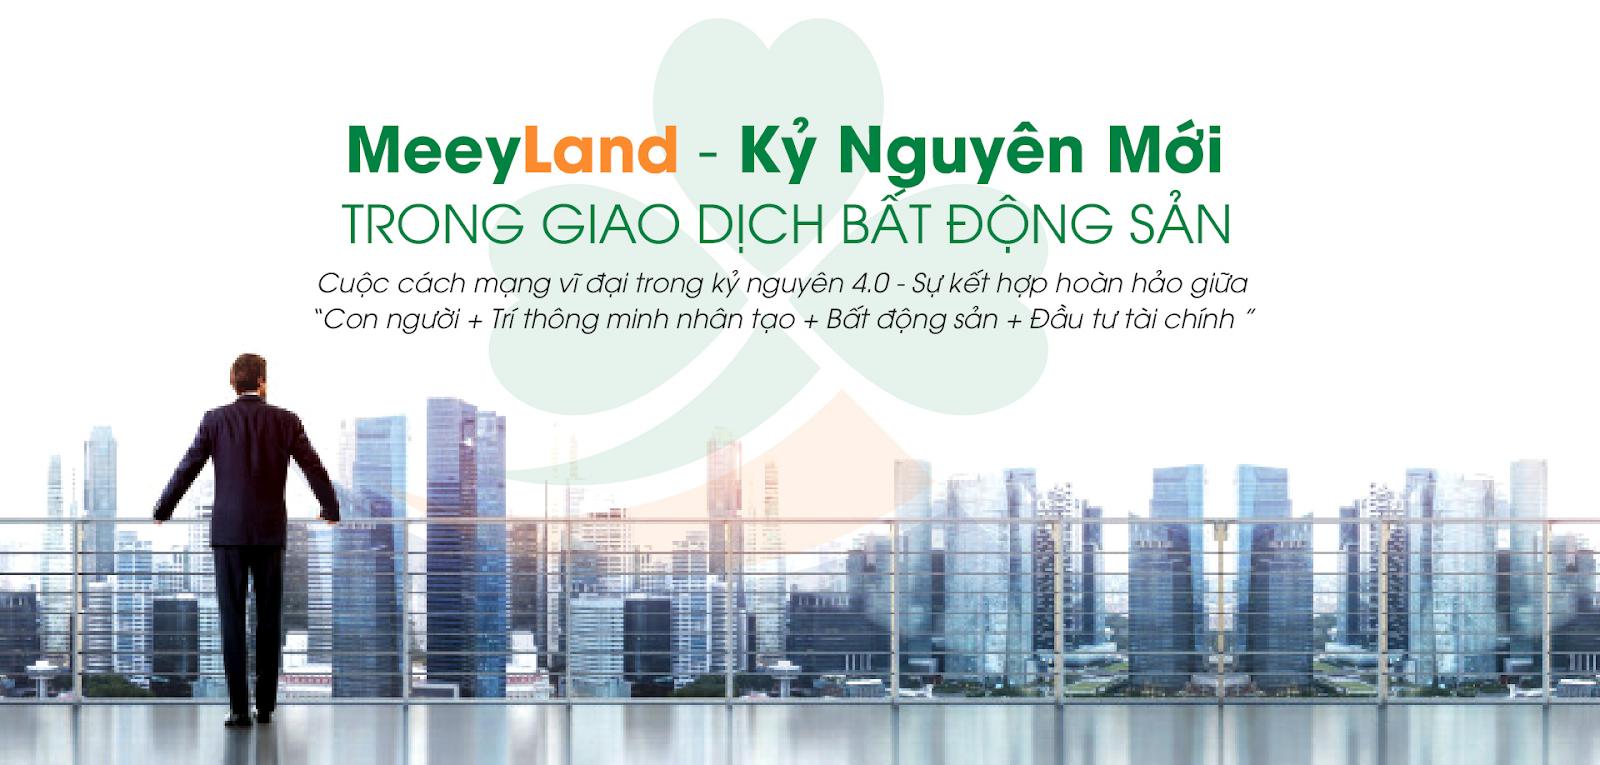 Meeyland - dự án đầu tư bất động sản nổi bật